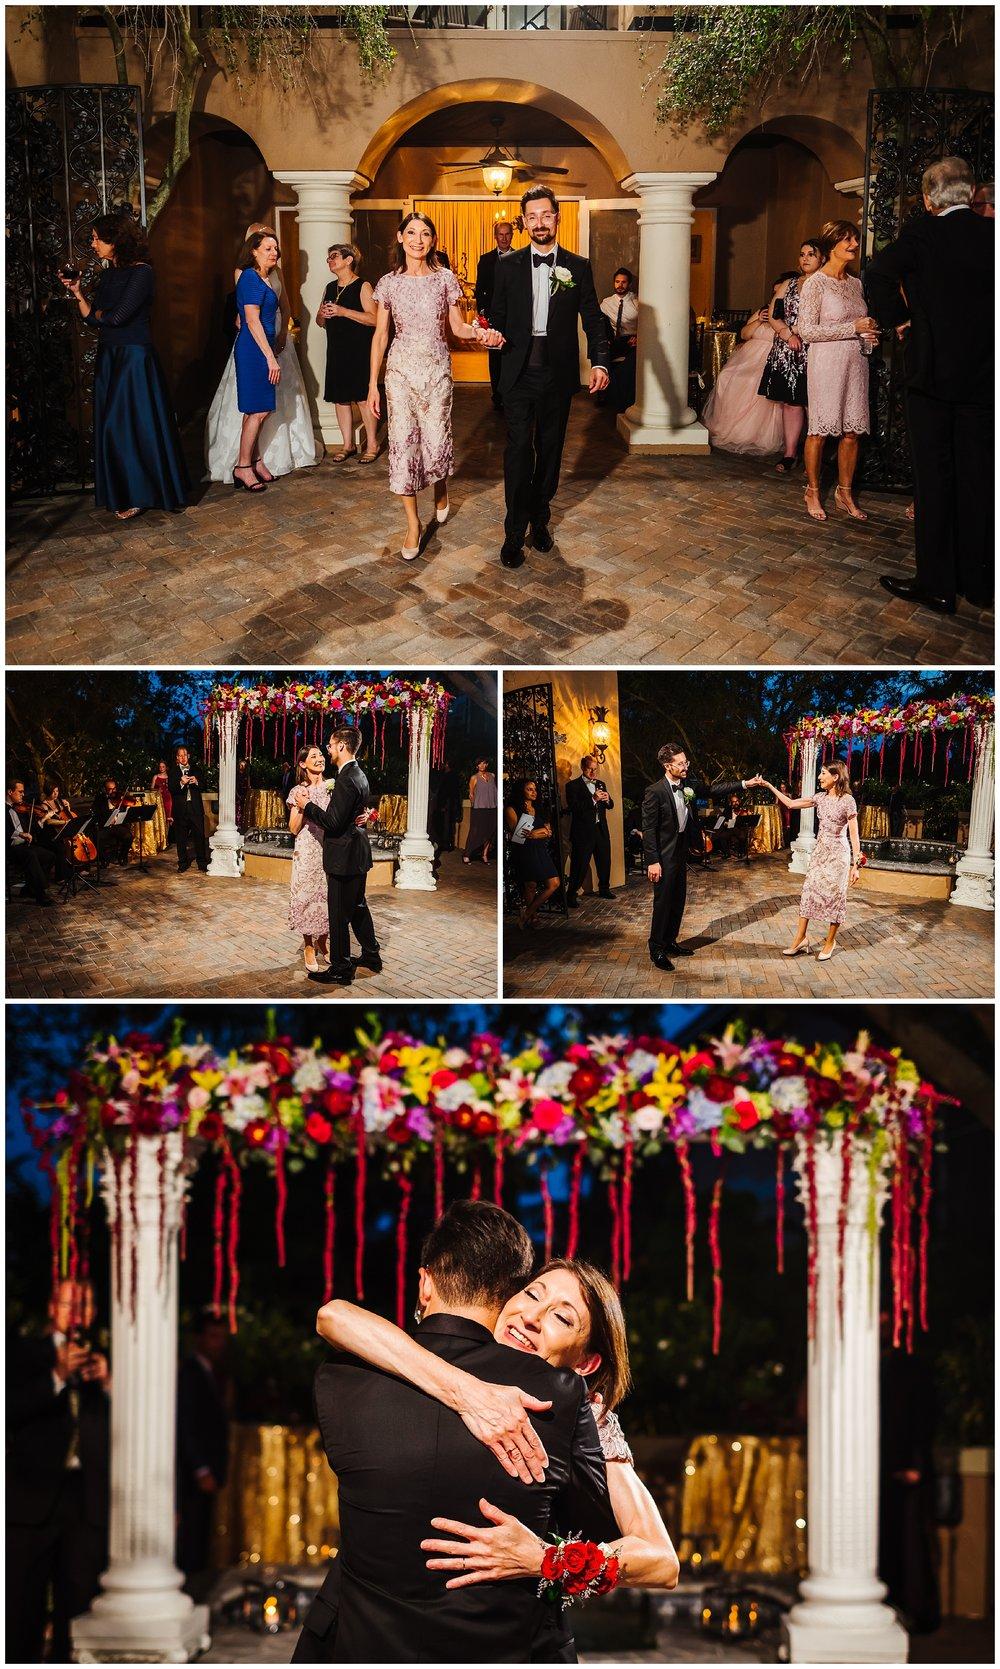 tierra-verde-st-pete-florida-home-luxury-wedding-greenery-pink-pixie-bride_0078.jpg